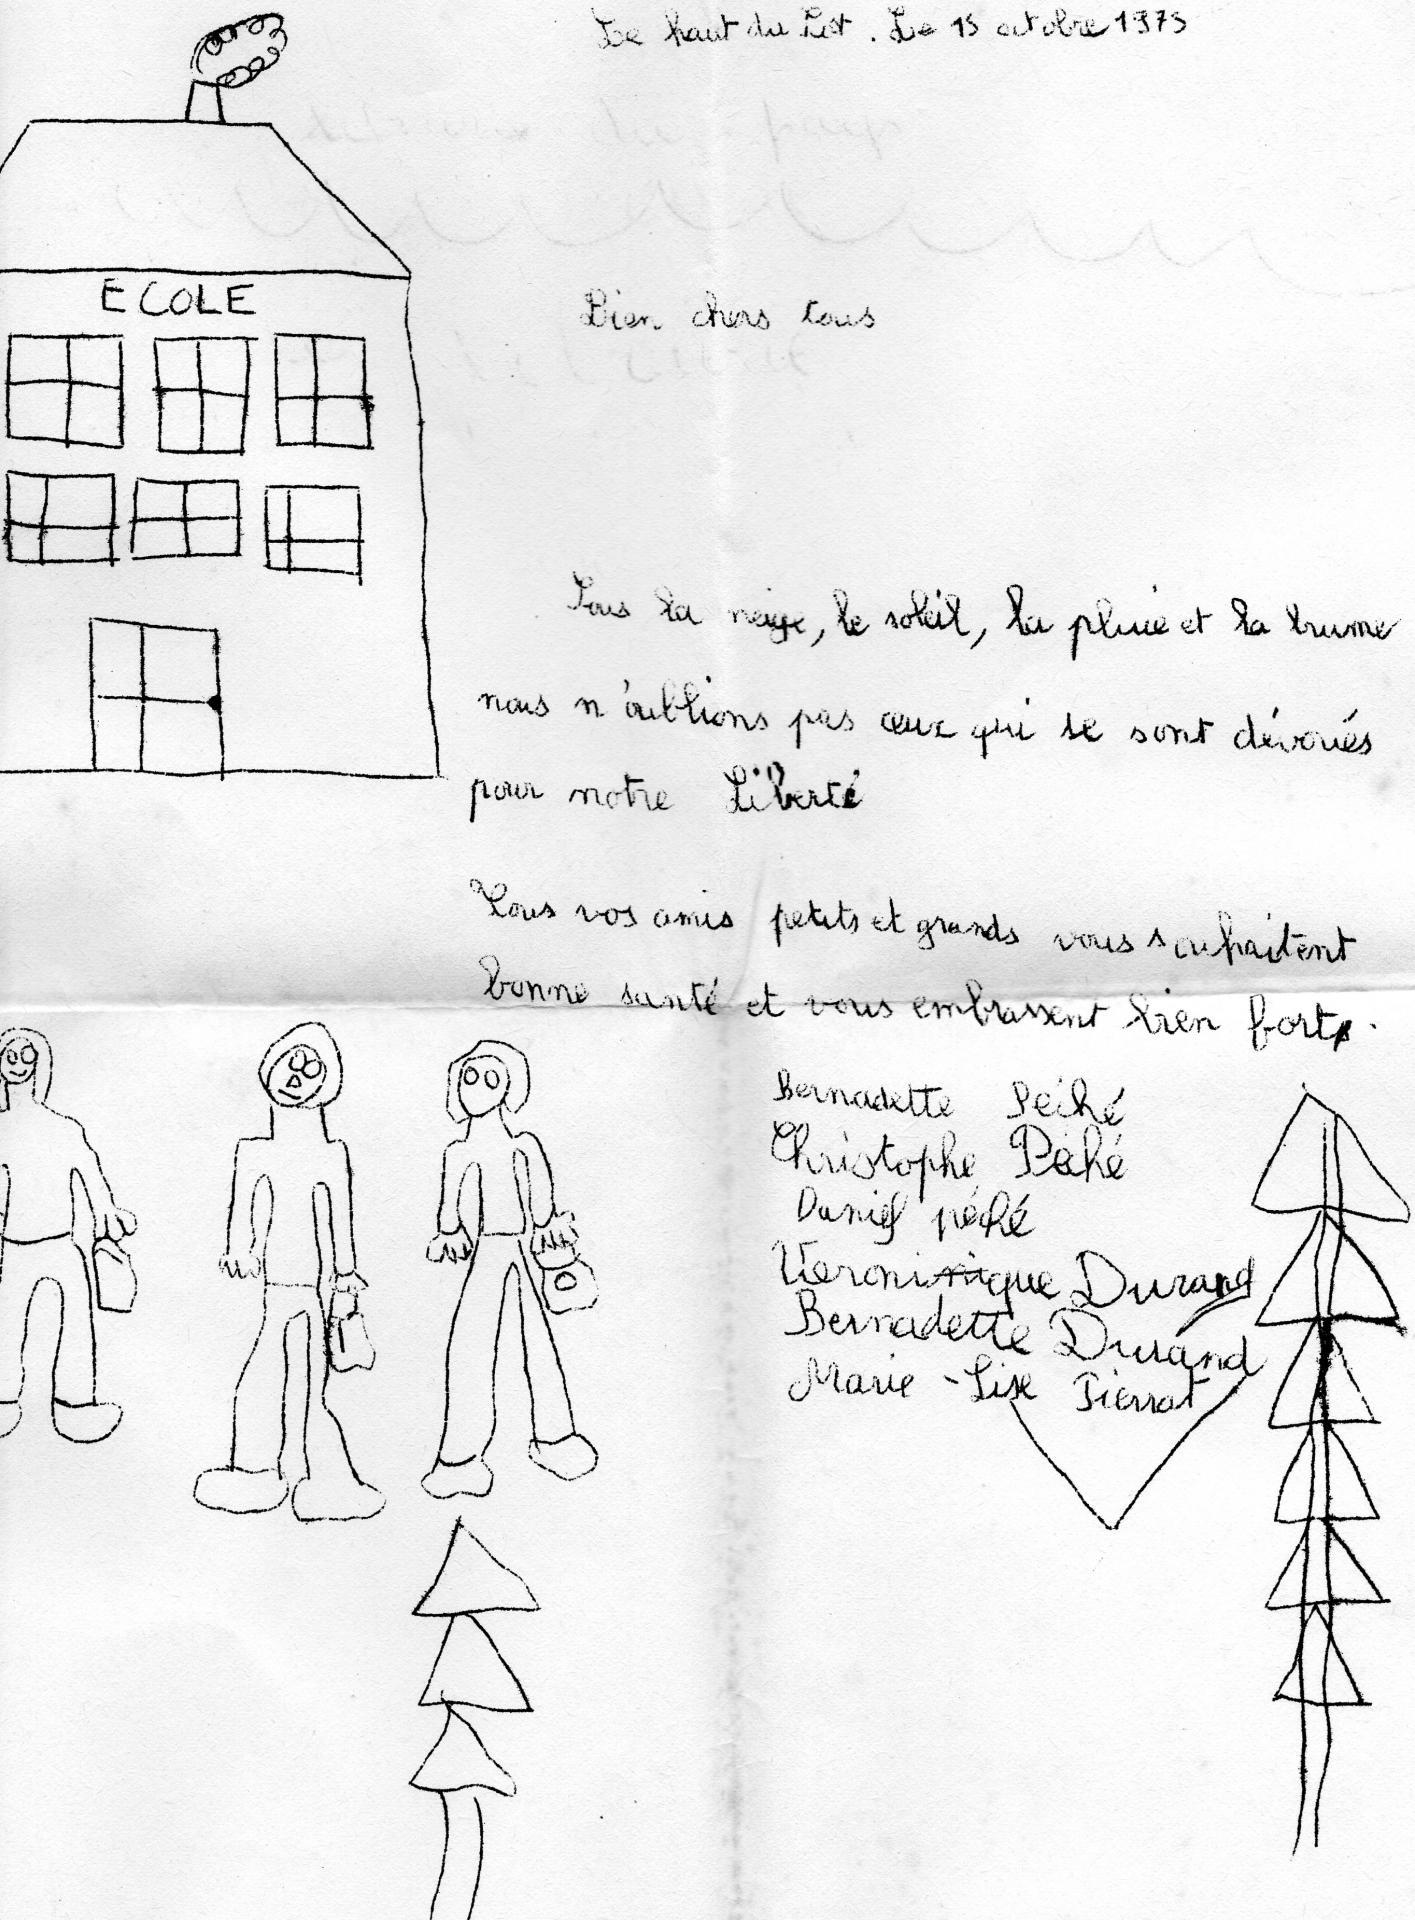 Lettres d eleves haut du tot 1975 002